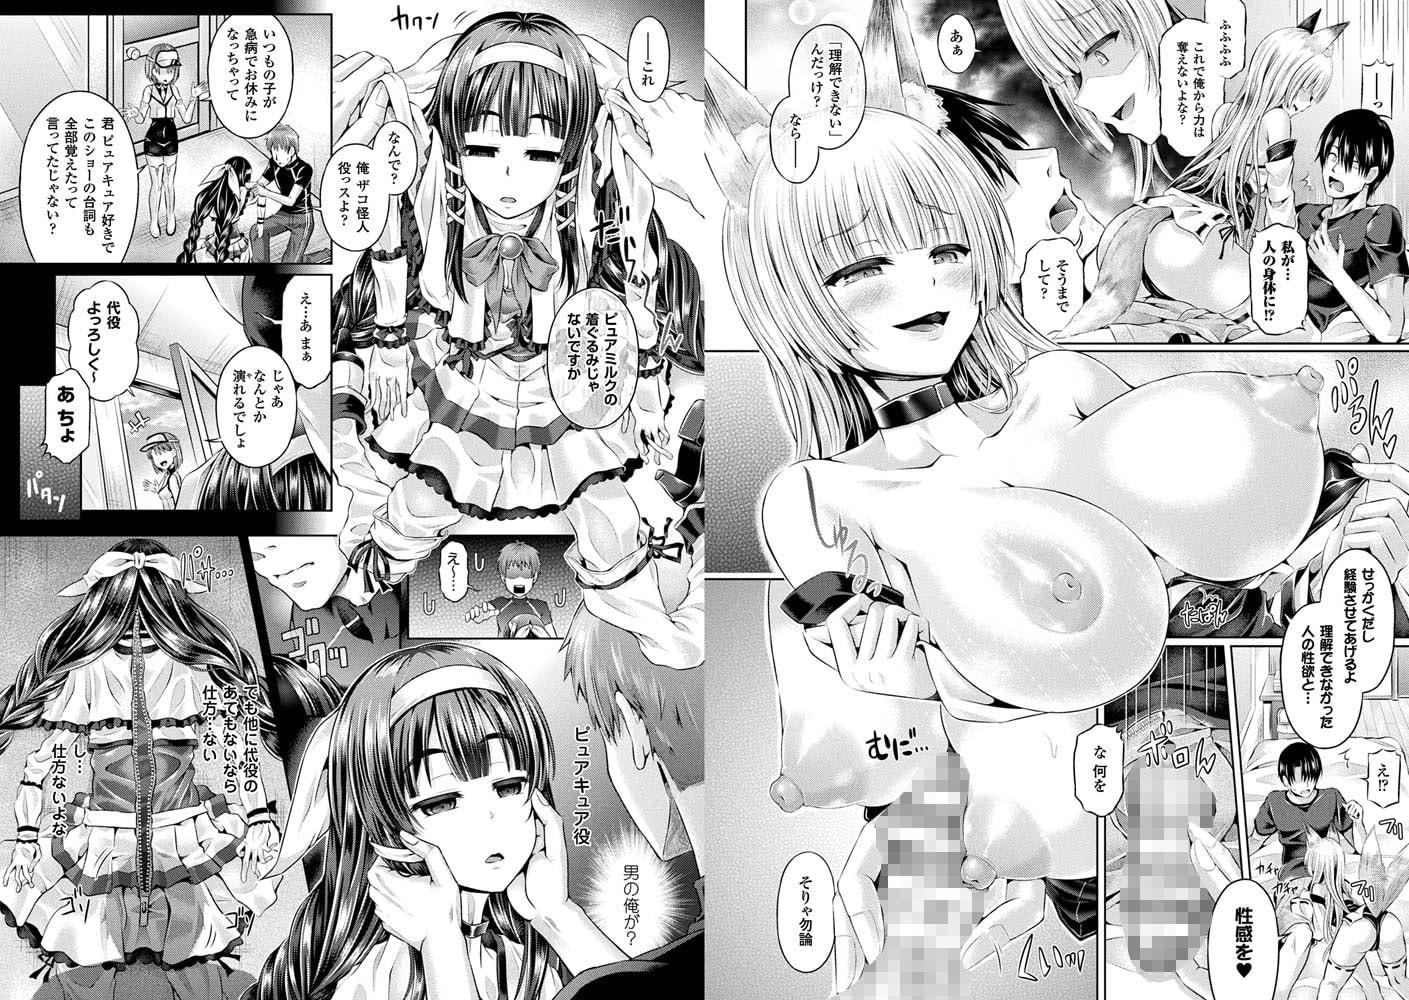 【女体化憑依】谷口さん先生 2冊パック(202009)のサンプル画像